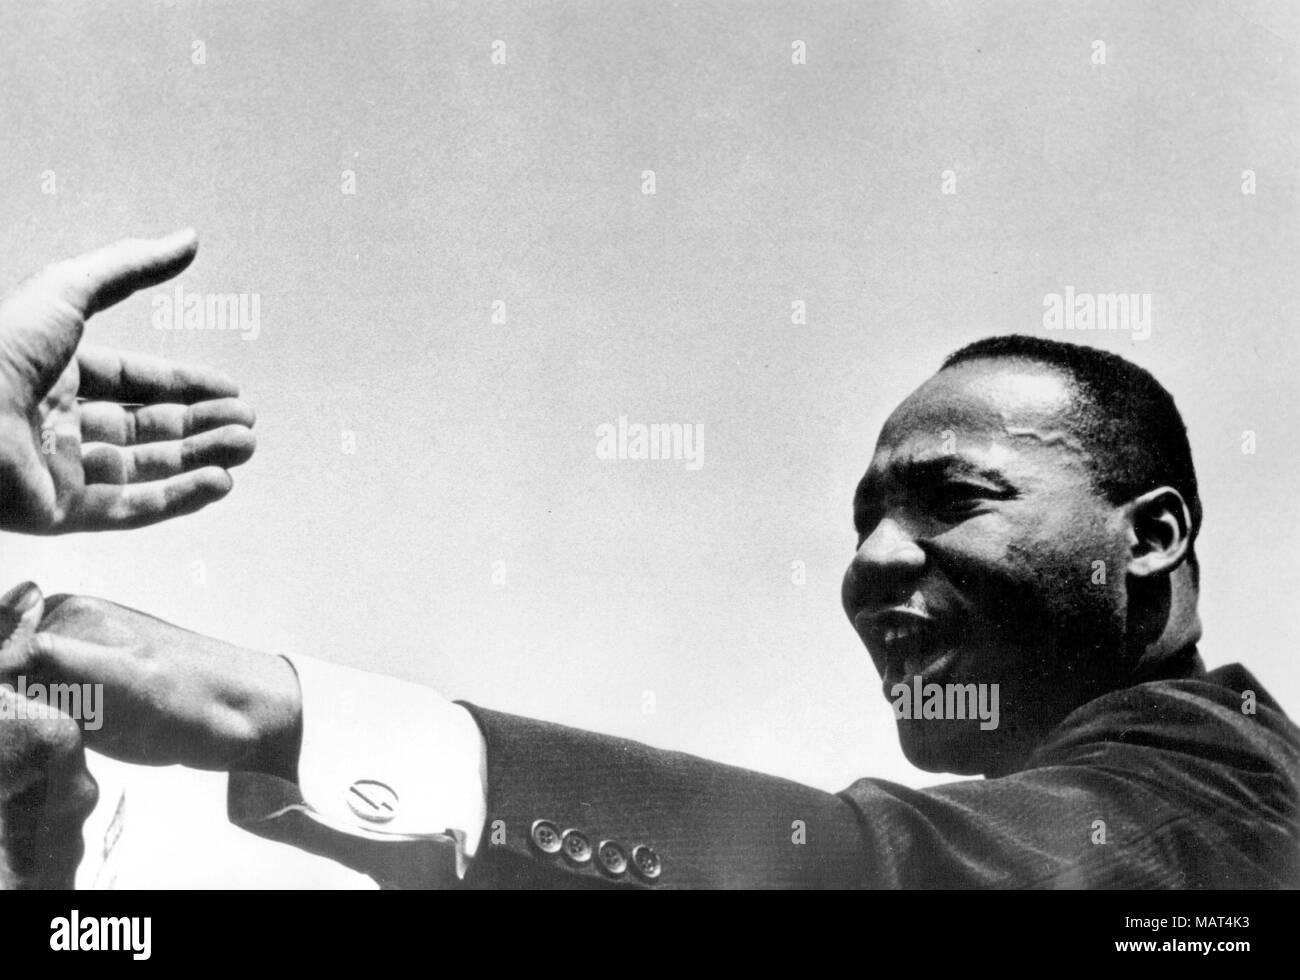 """Archivo. 4 abr, 2018. El reverendo MARTIN LUTHER KING JR. fue herido mortalmente por J. Earl Ray a las 6:01 p.m., 4 de abril de 1968, cuando se encontraba en el segundo piso del hotel Lorraine en Memphis, Tennessee. Foto: Agosto 12, 1963 - Washington, DC, EE.UU. - El reverendo Martin Luther King, Jr. fue un famoso líder del movimiento de derechos civiles afroamericano. King fue trágicamente asesinado el 4 de abril de 1968 en el Motel Lorraine. Foto: Rey agitando las manos durante """"la marcha en Washington por el trabajo y la libertad."""" (Crédito de la Imagen: © Agencia de Prensa Keystone Keystone/USA a través ZUMAPRESS.com) Foto de stock"""